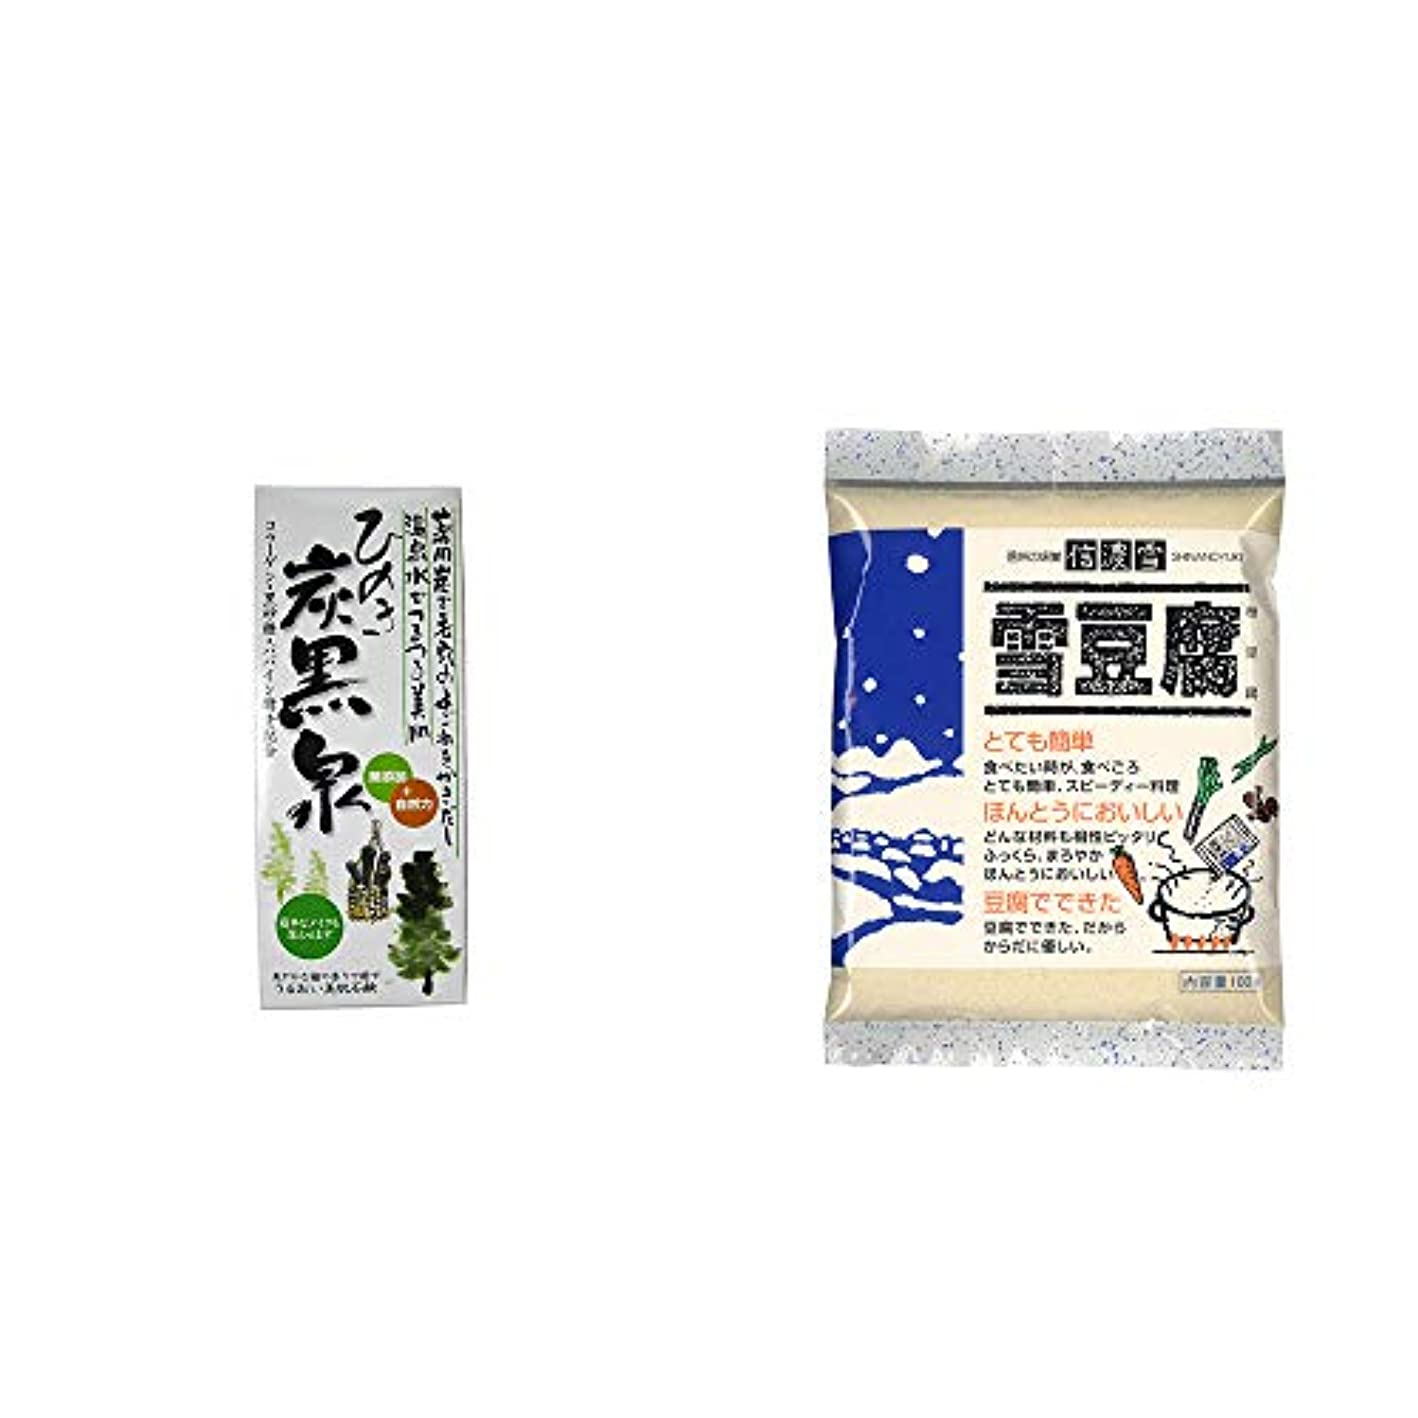 ホバート聴衆限り[2点セット] ひのき炭黒泉 箱入り(75g×3)?信濃雪 雪豆腐(粉豆腐)(100g)